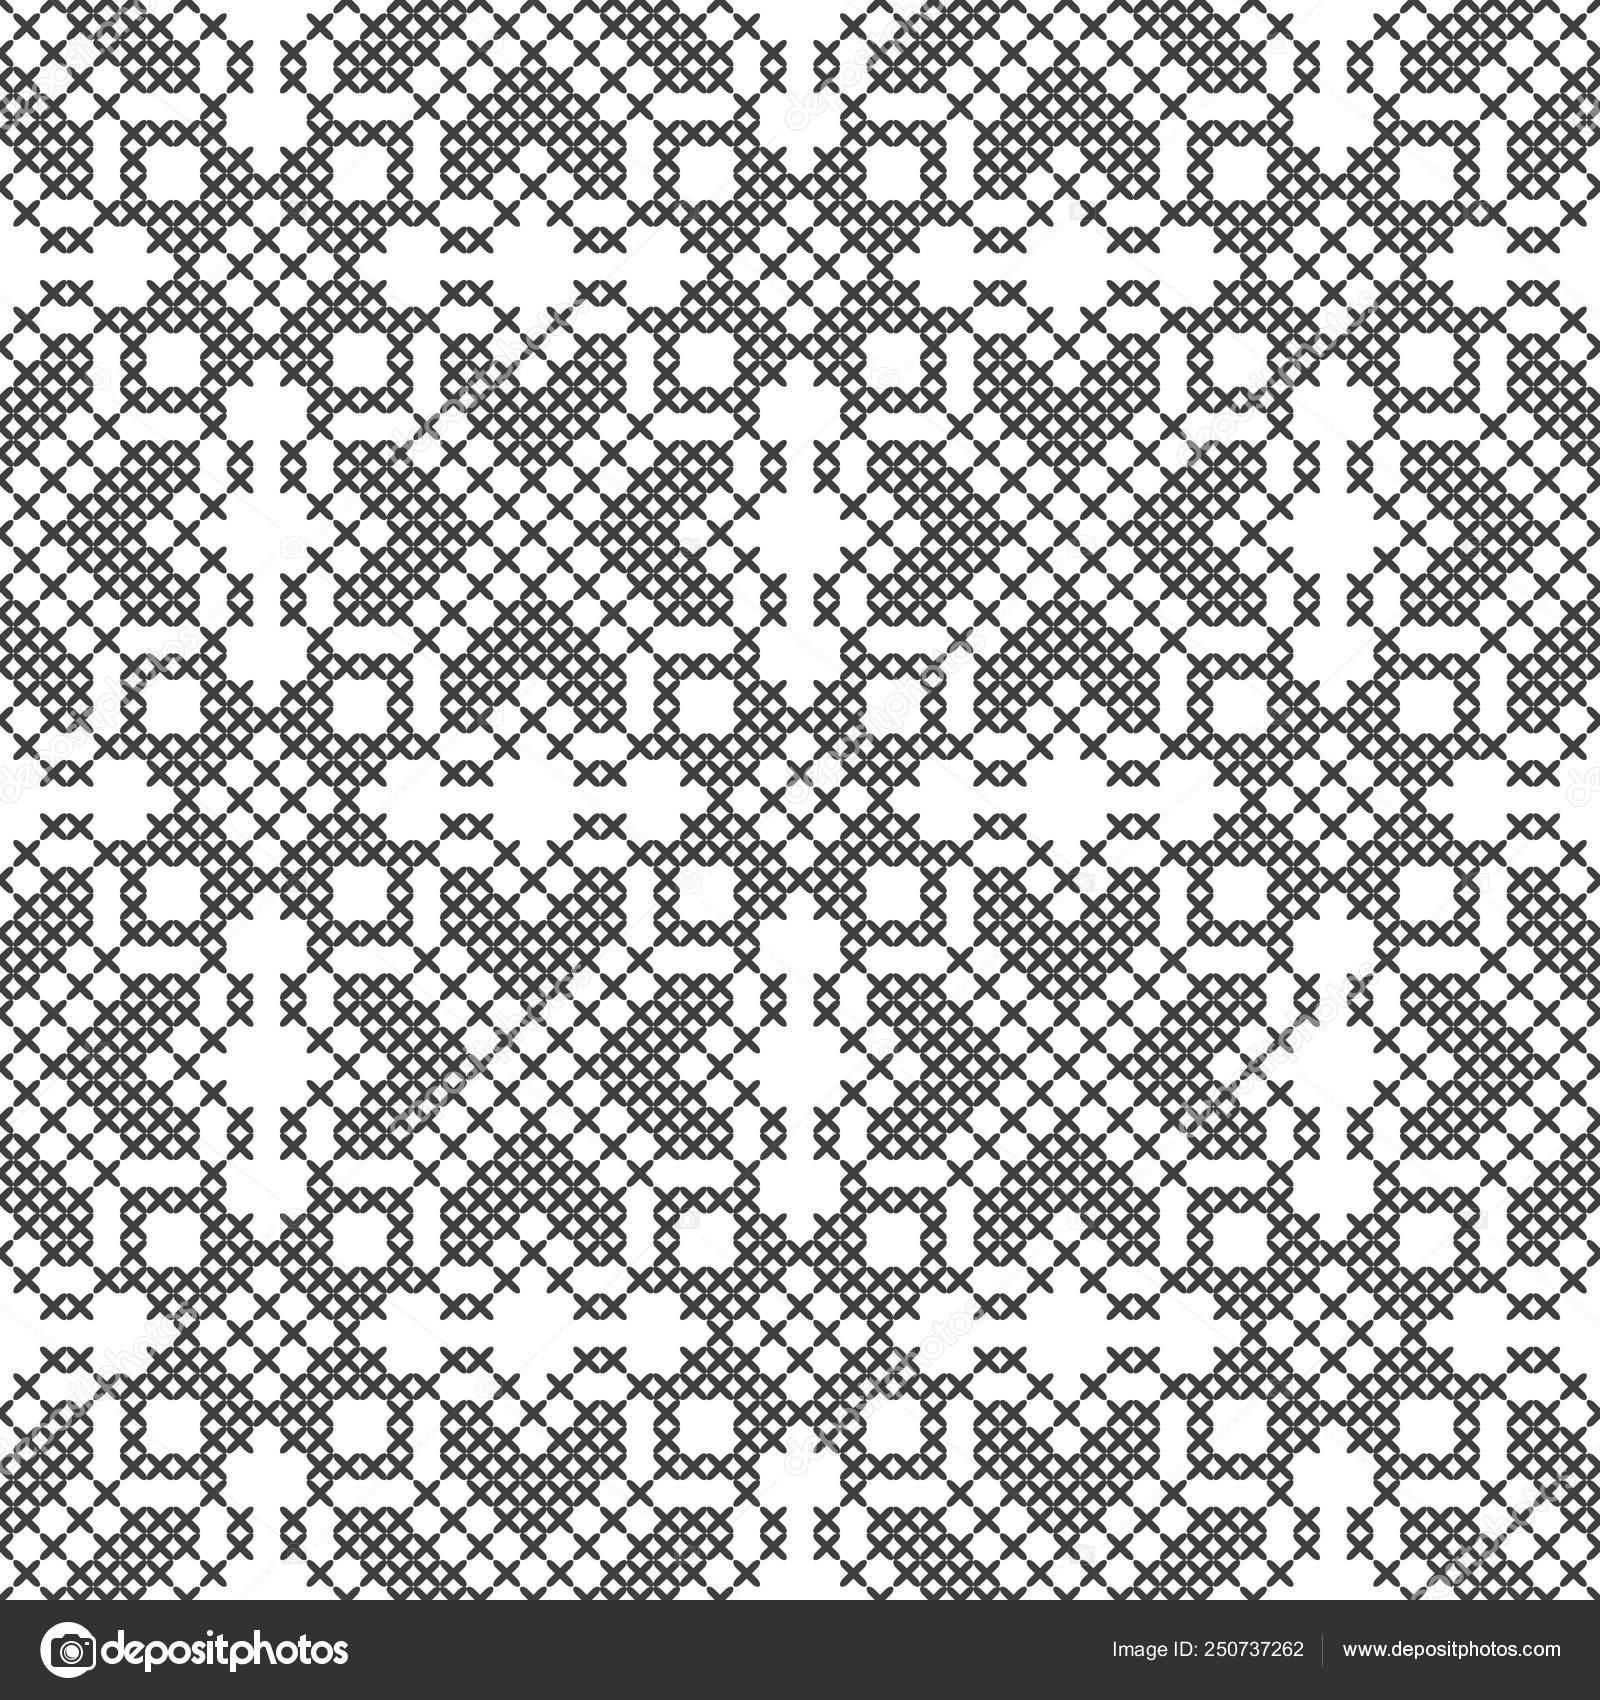 вышивка крестом бесшовный фон черный и белый вышивка вязание